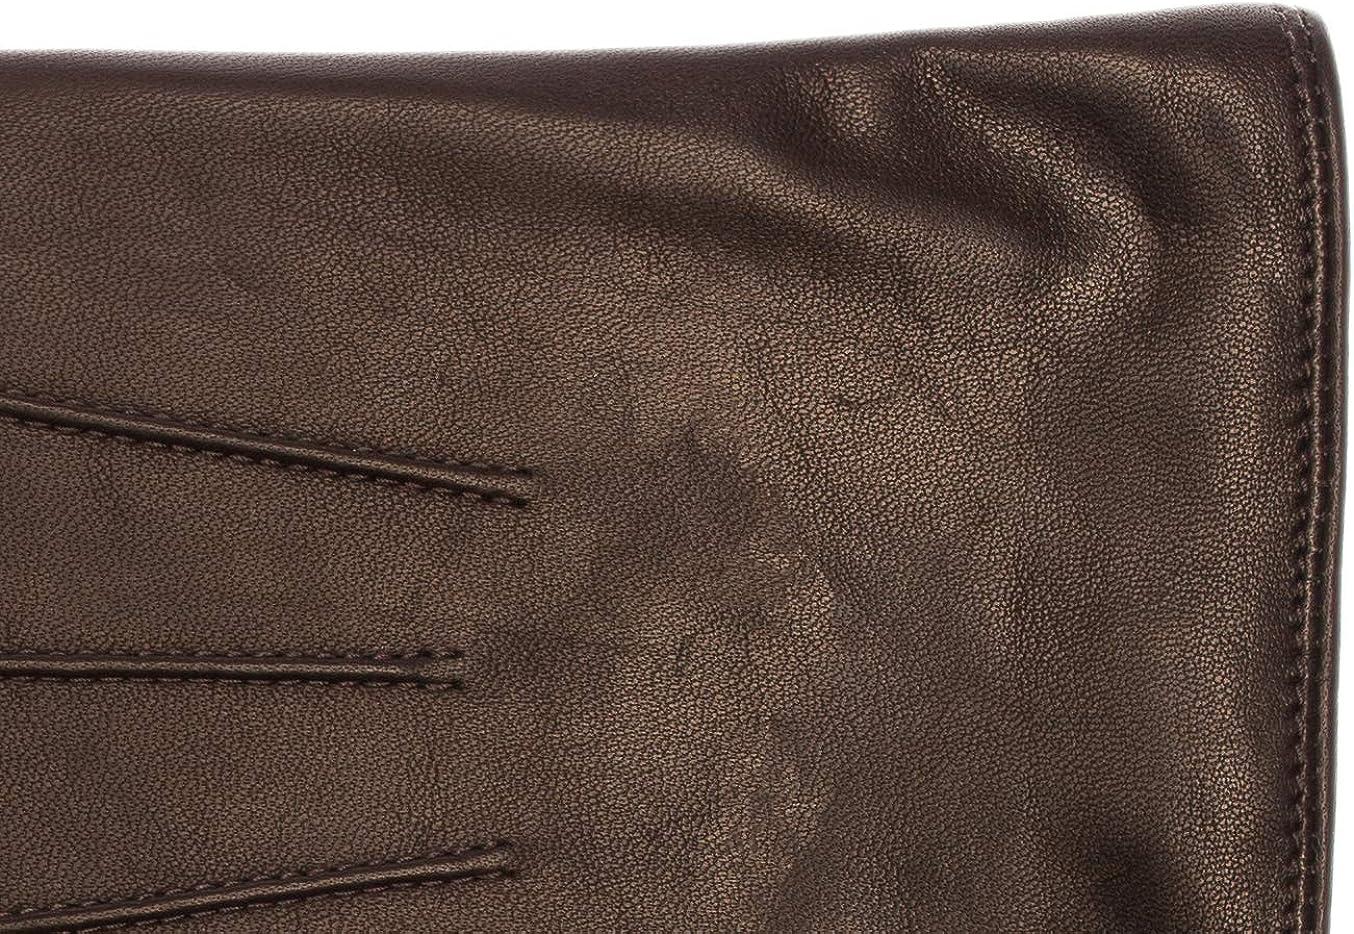 trois s/ûrpiqures EEM gants classiques BEN en cuir de mouton souple pour hommes doublure chaude en polaire